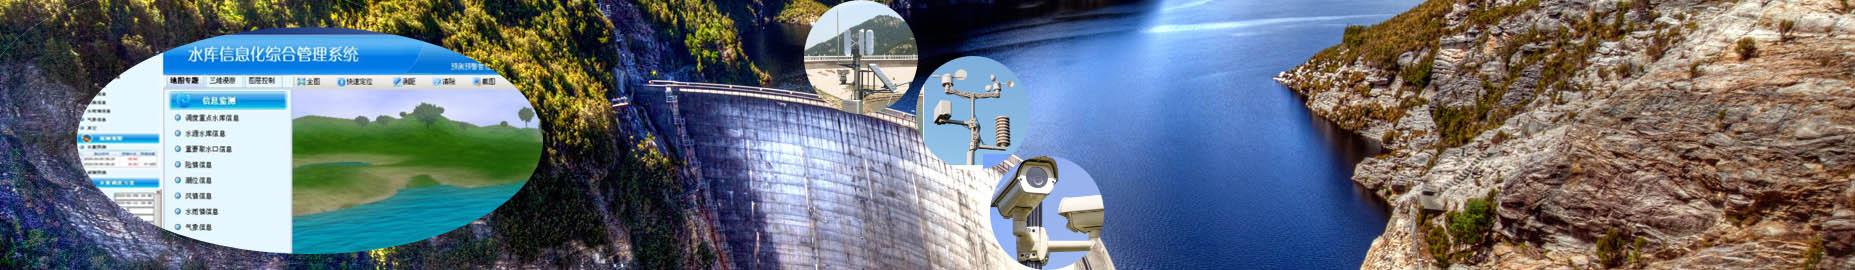 水库信息化综合管理系统